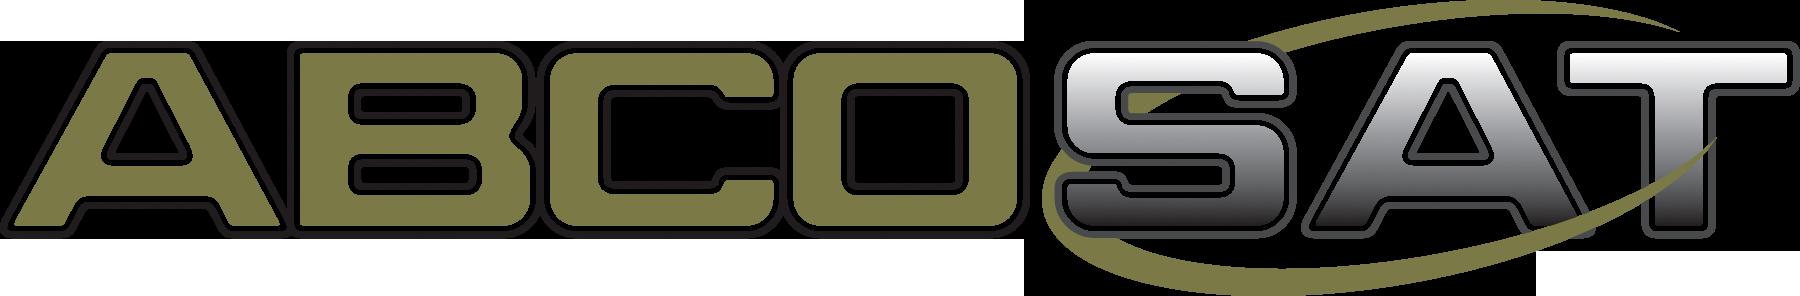 Abcosat